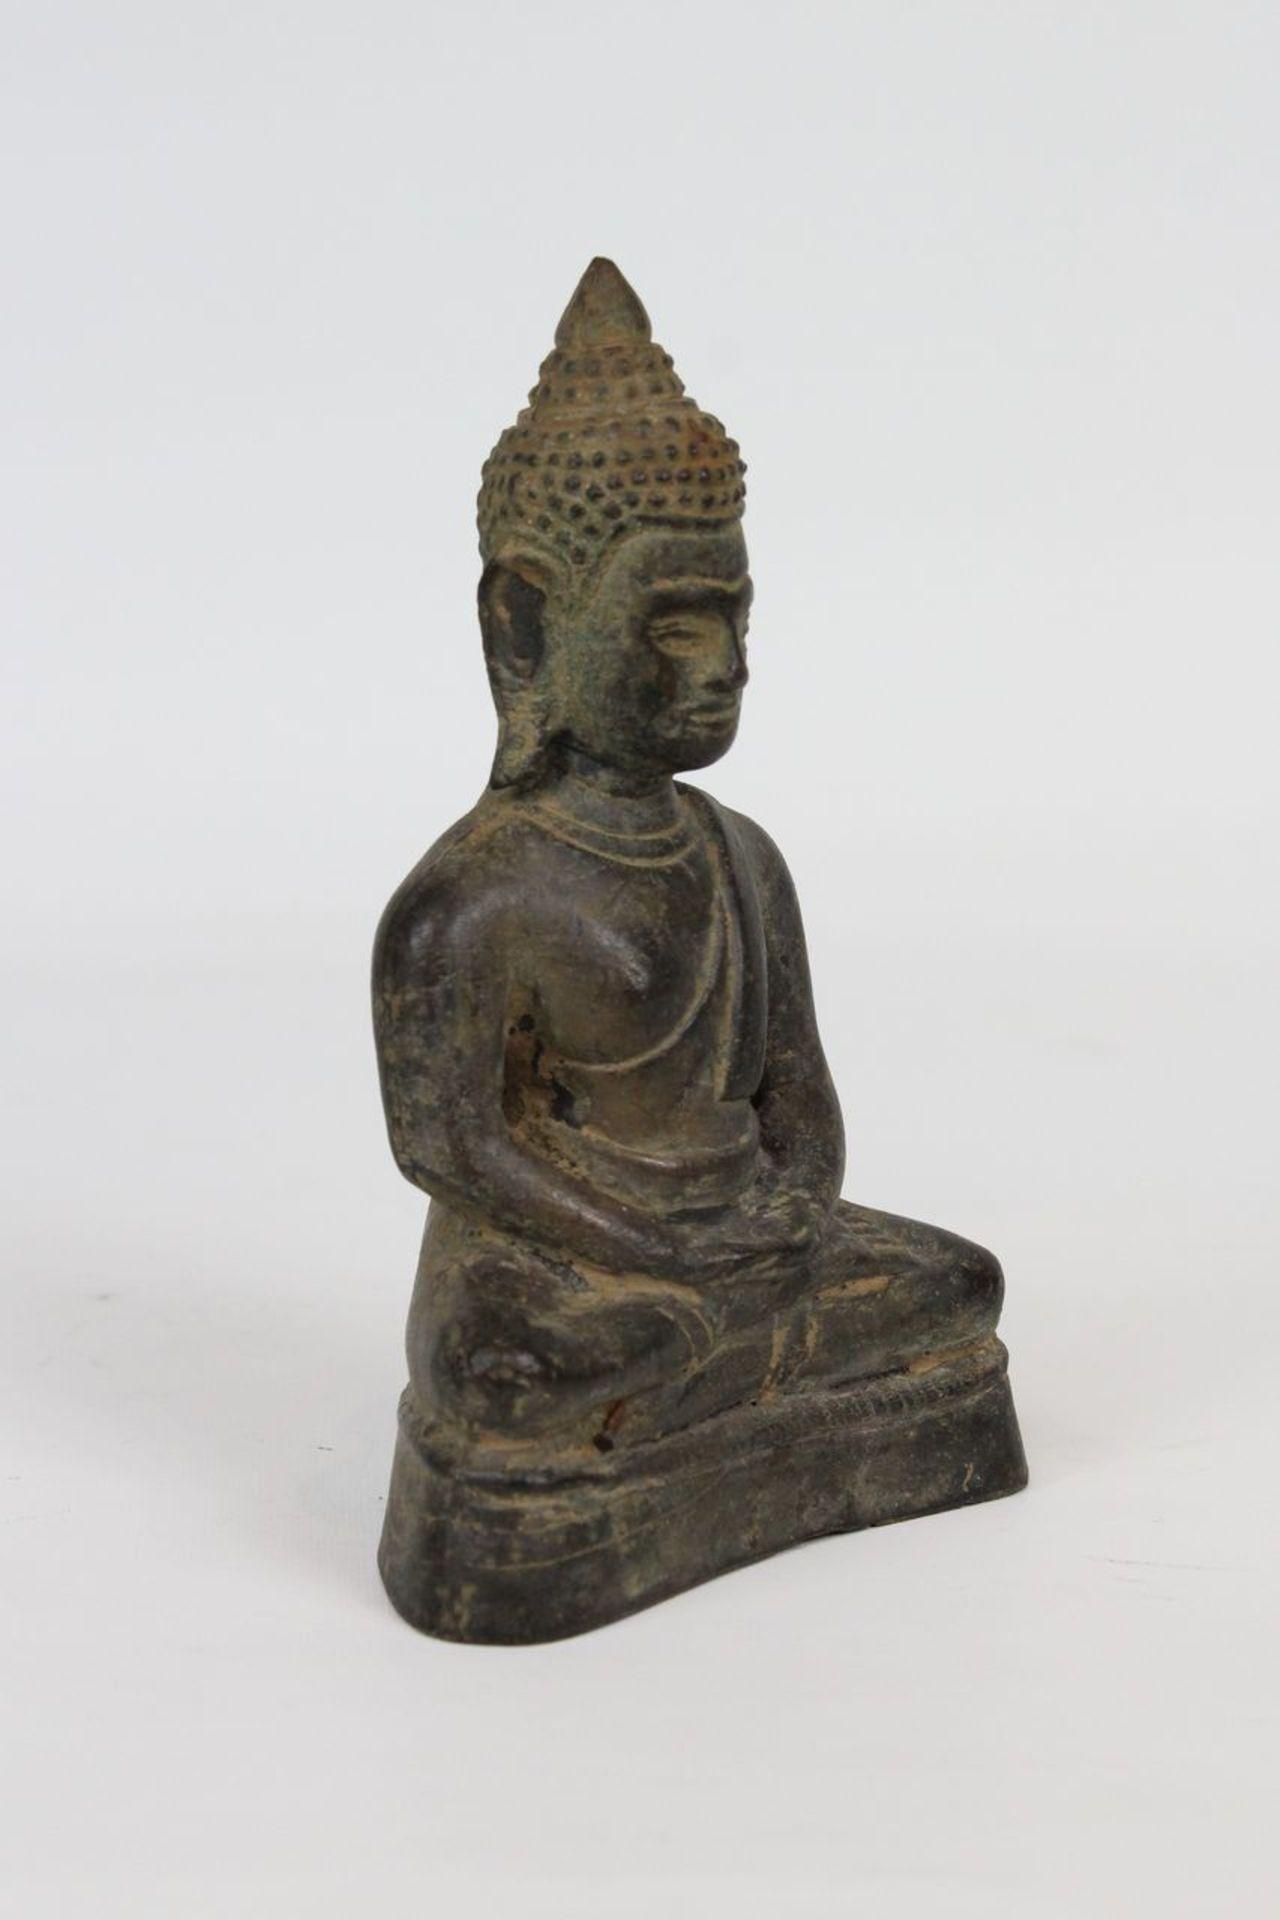 Sinotibetischer Bronze Boddhisatva - Image 3 of 5